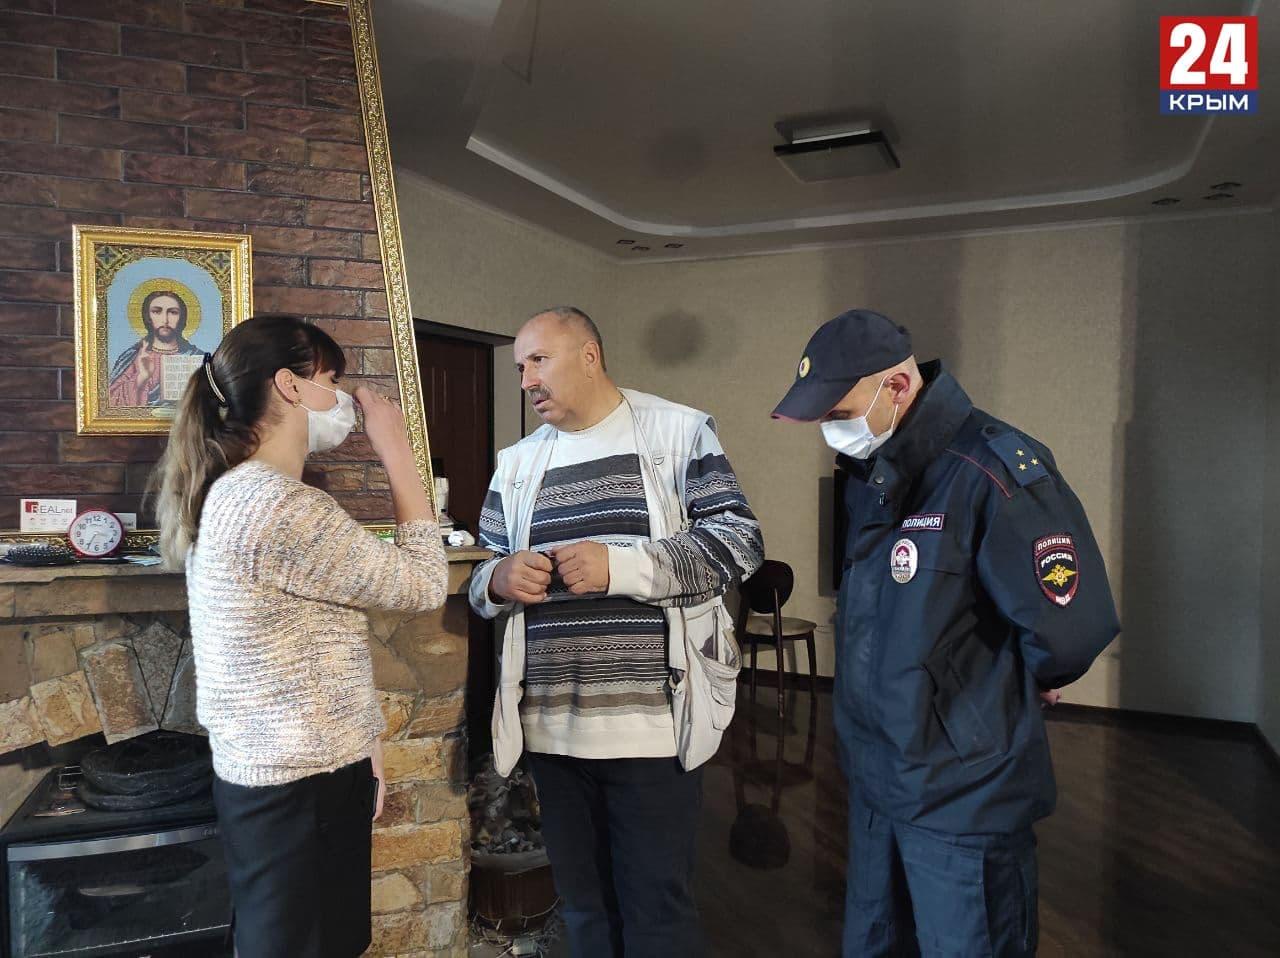 Приёмный отец из Симферопольского района заявил, что не бил детей, а просто отругал за курение